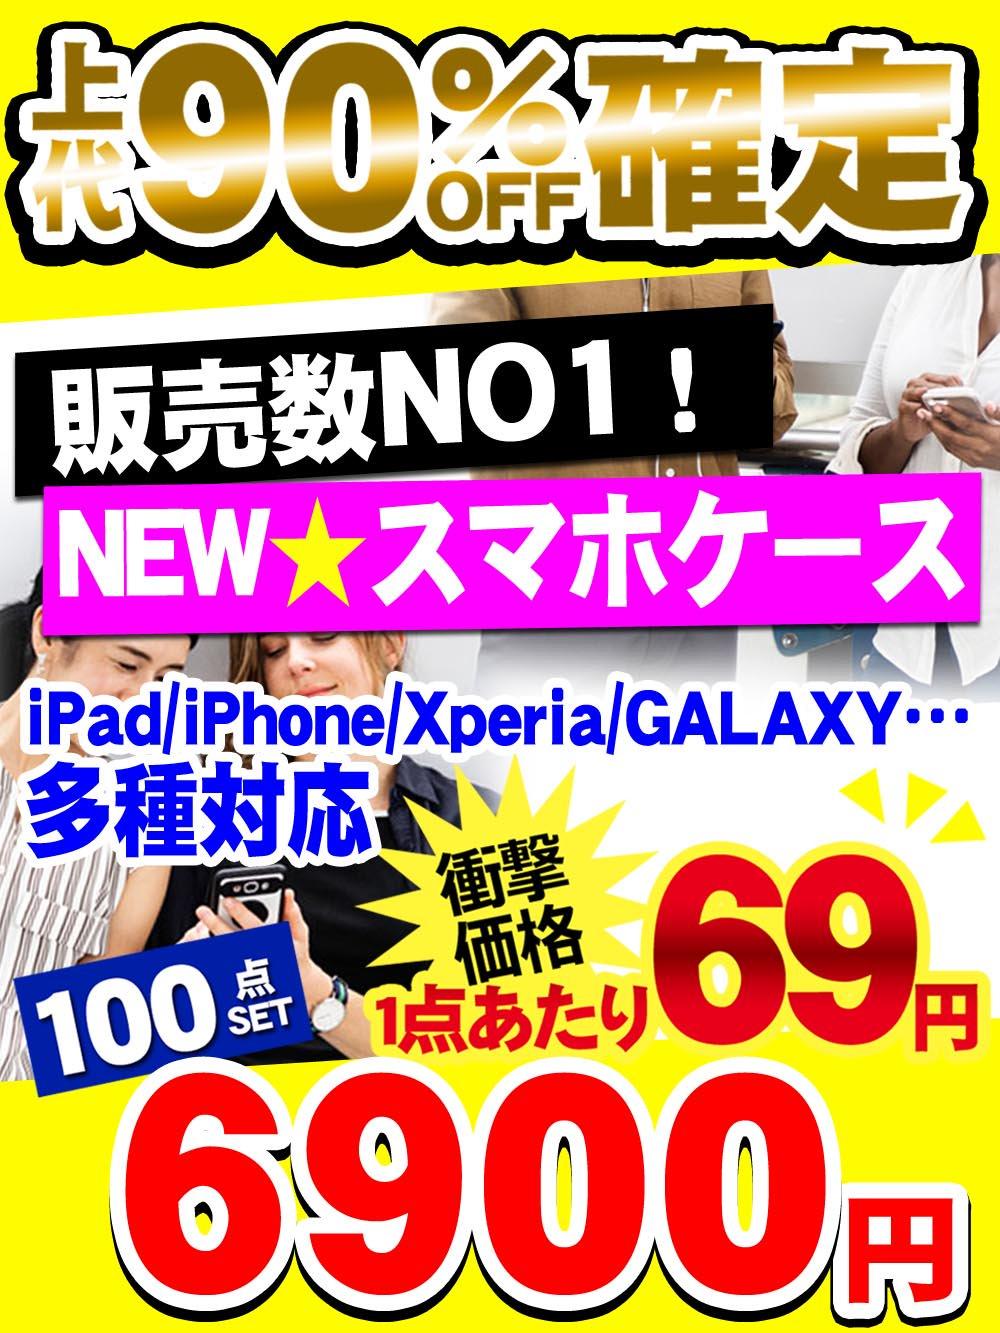 値下げ!リニューアル【上代90%OFF確定】売上NO1!スマホケース iPad/iPhone/Xperia/GALAXY/…多種対応【100点】@69